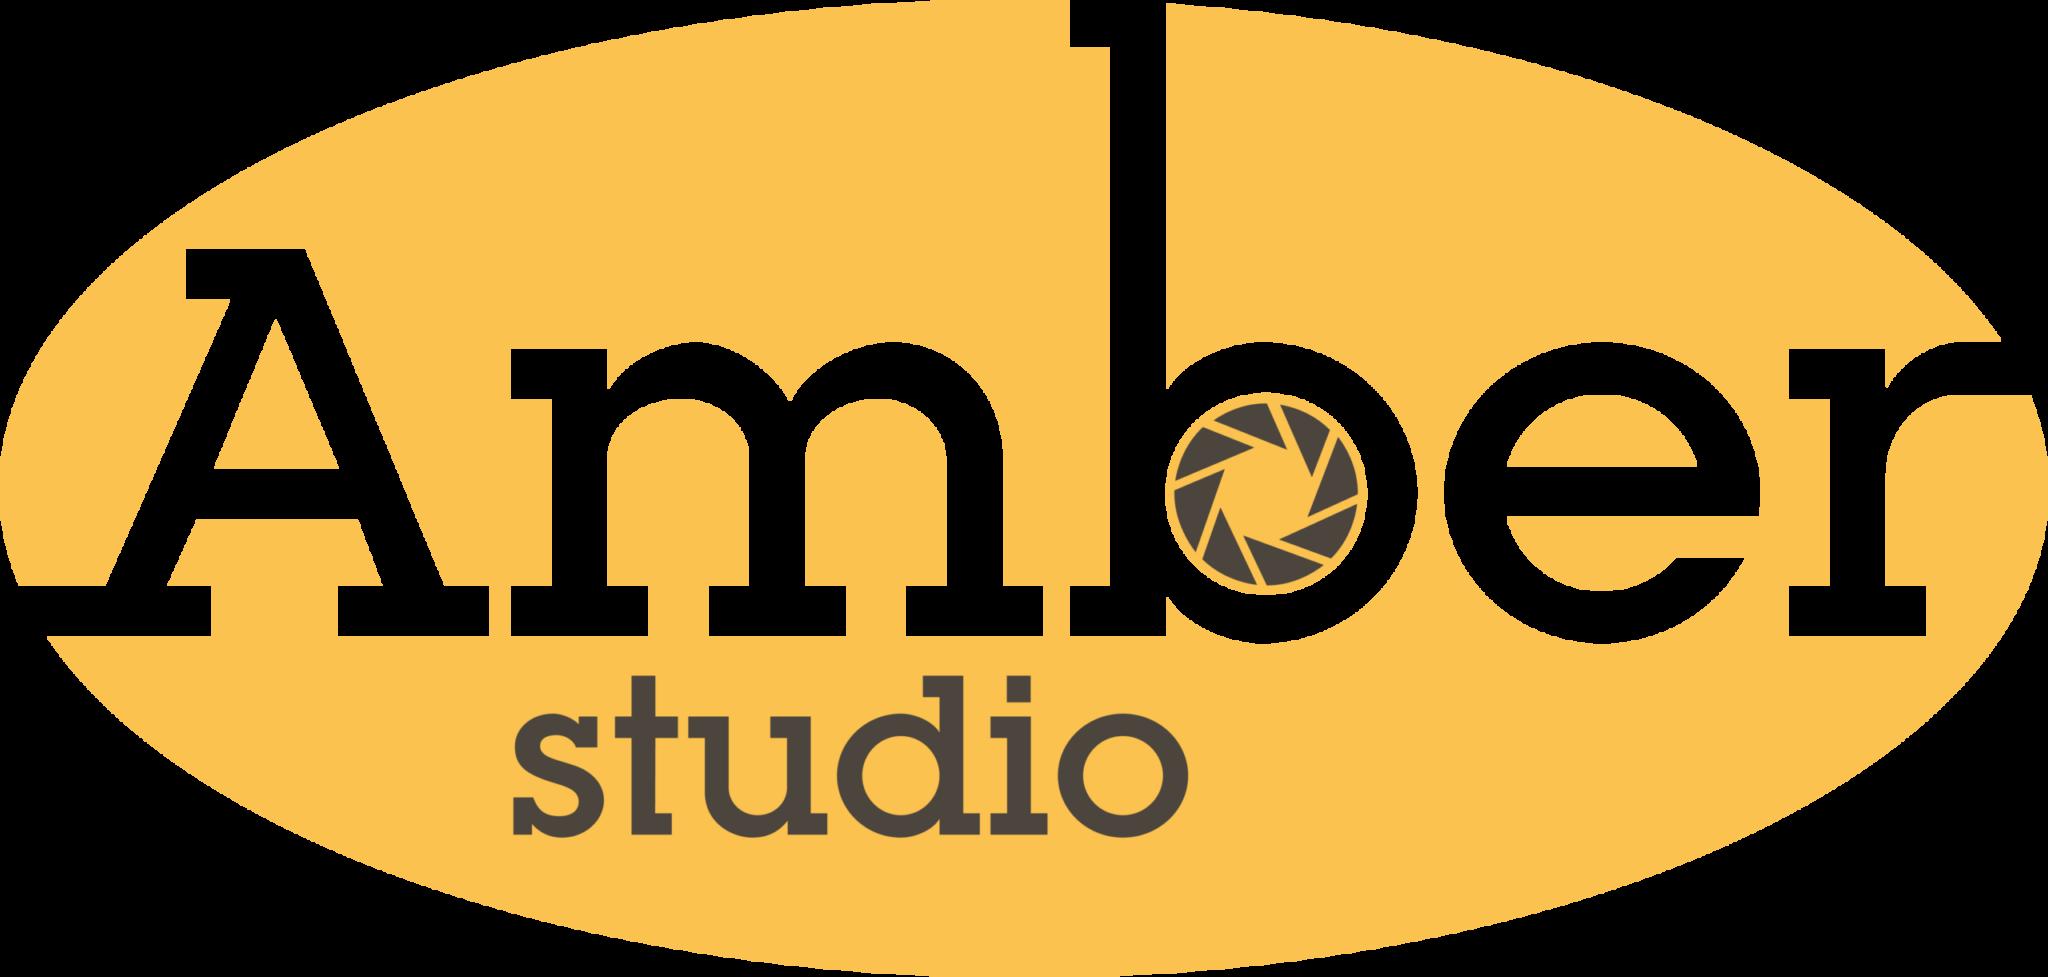 Amder studio